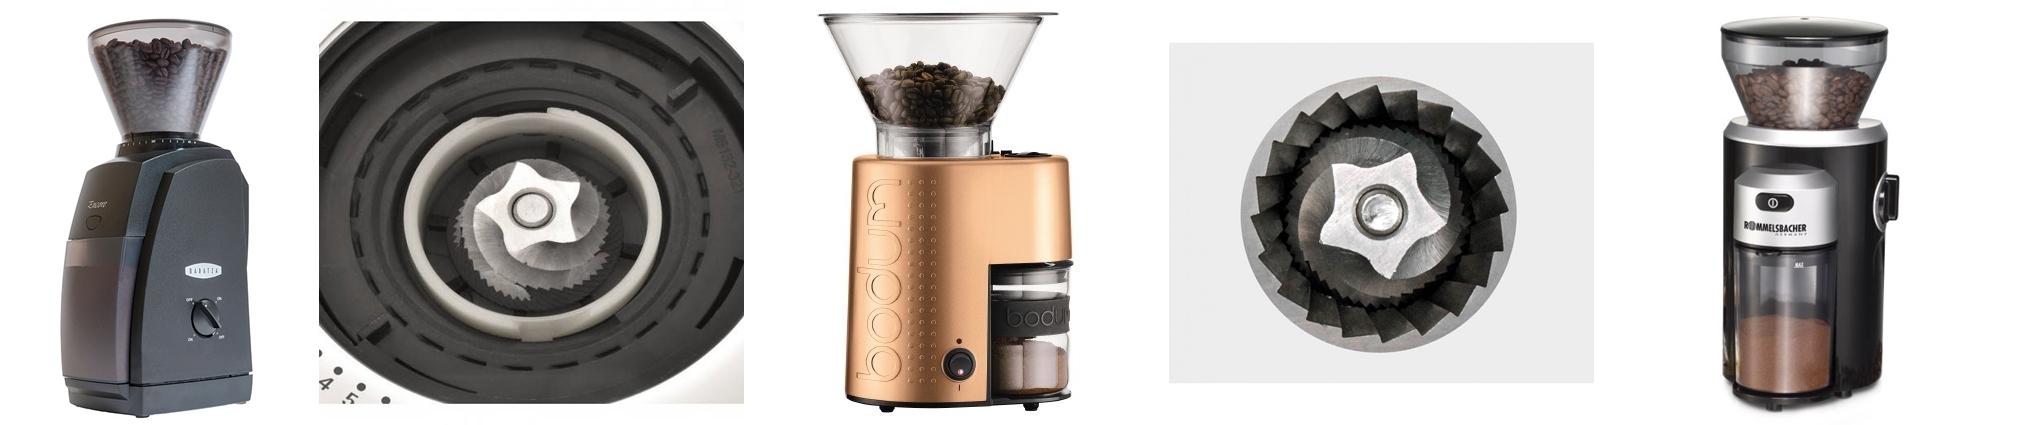 Die Kegelmühle ist eine Form der Kaffeemühle